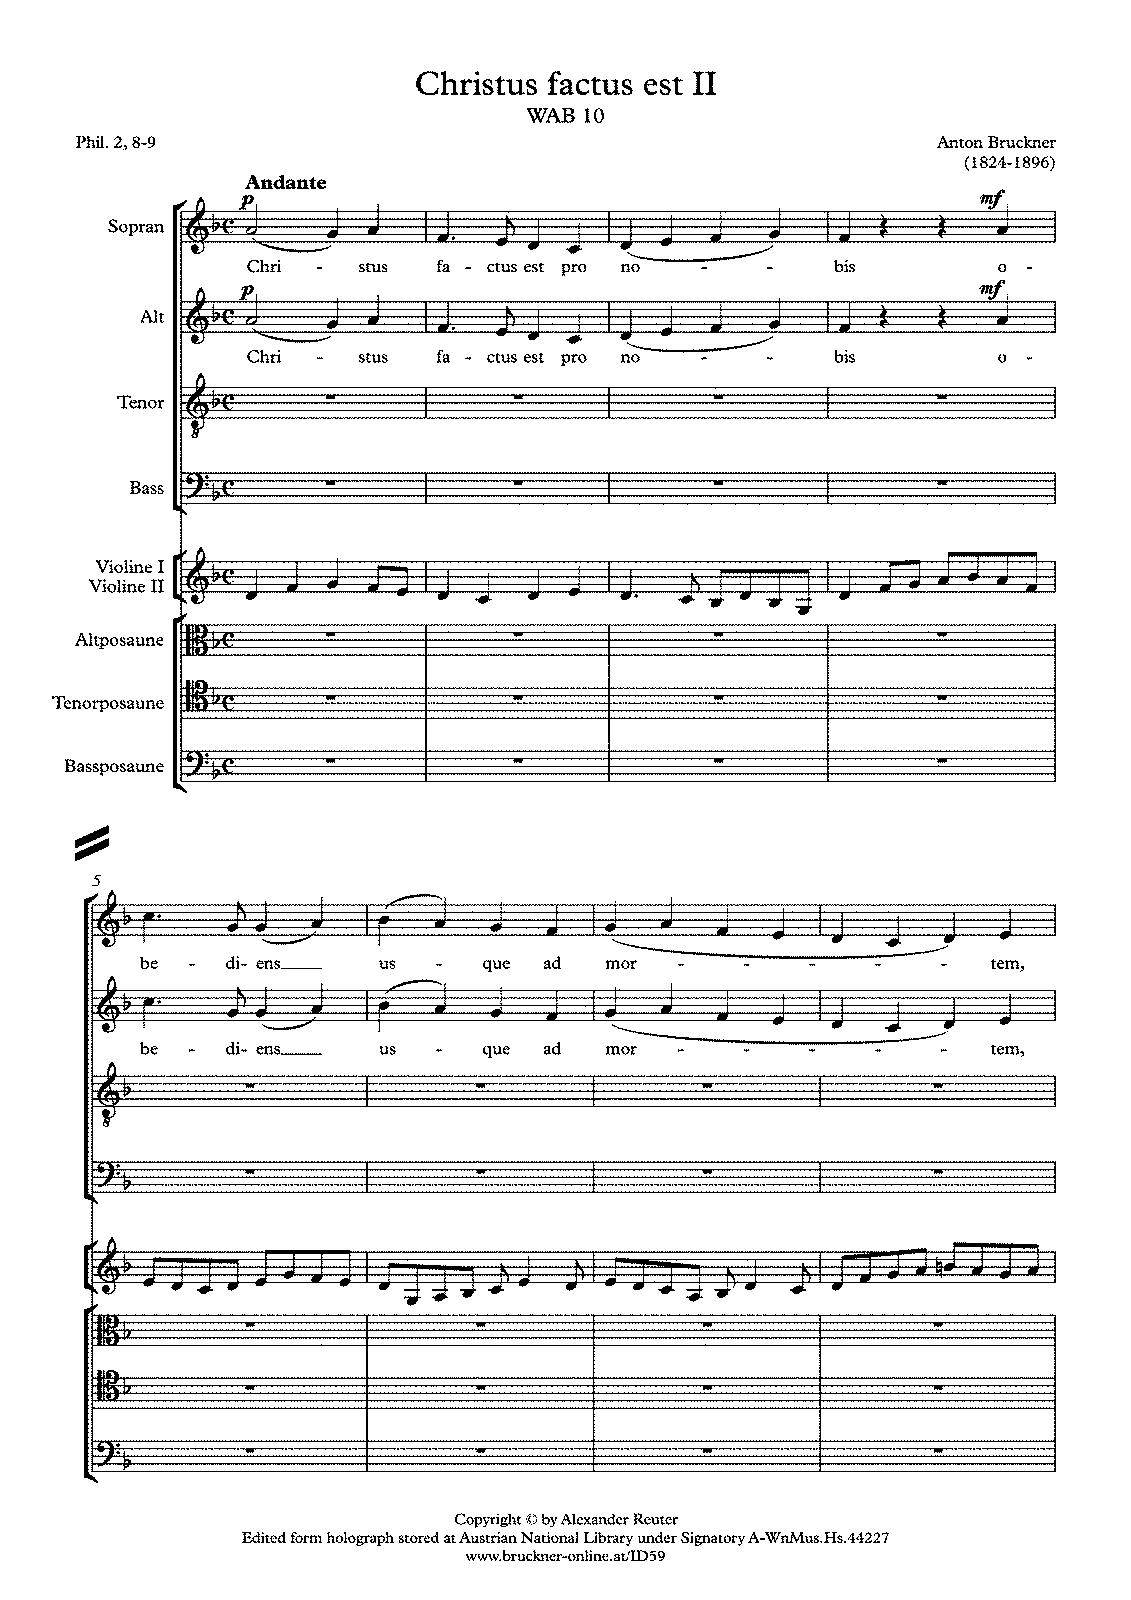 Christus factus est, WAB 10 (Bruckner, Anton) - IMSLP ...